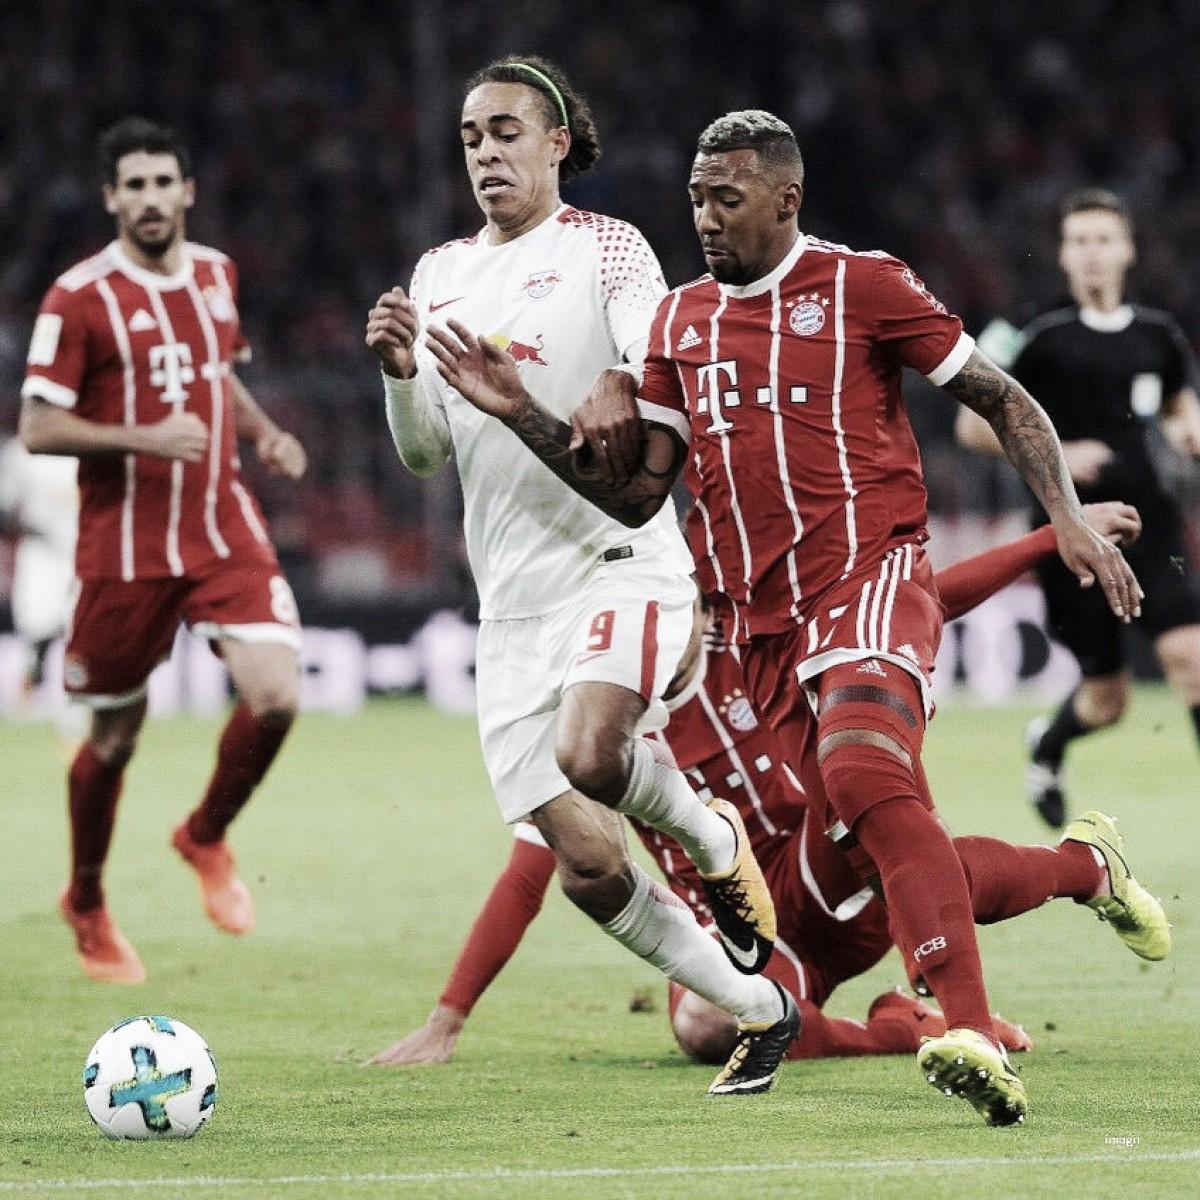 Bayern visita RB Leipzig e busca vitória para ficar a uma vitória do título